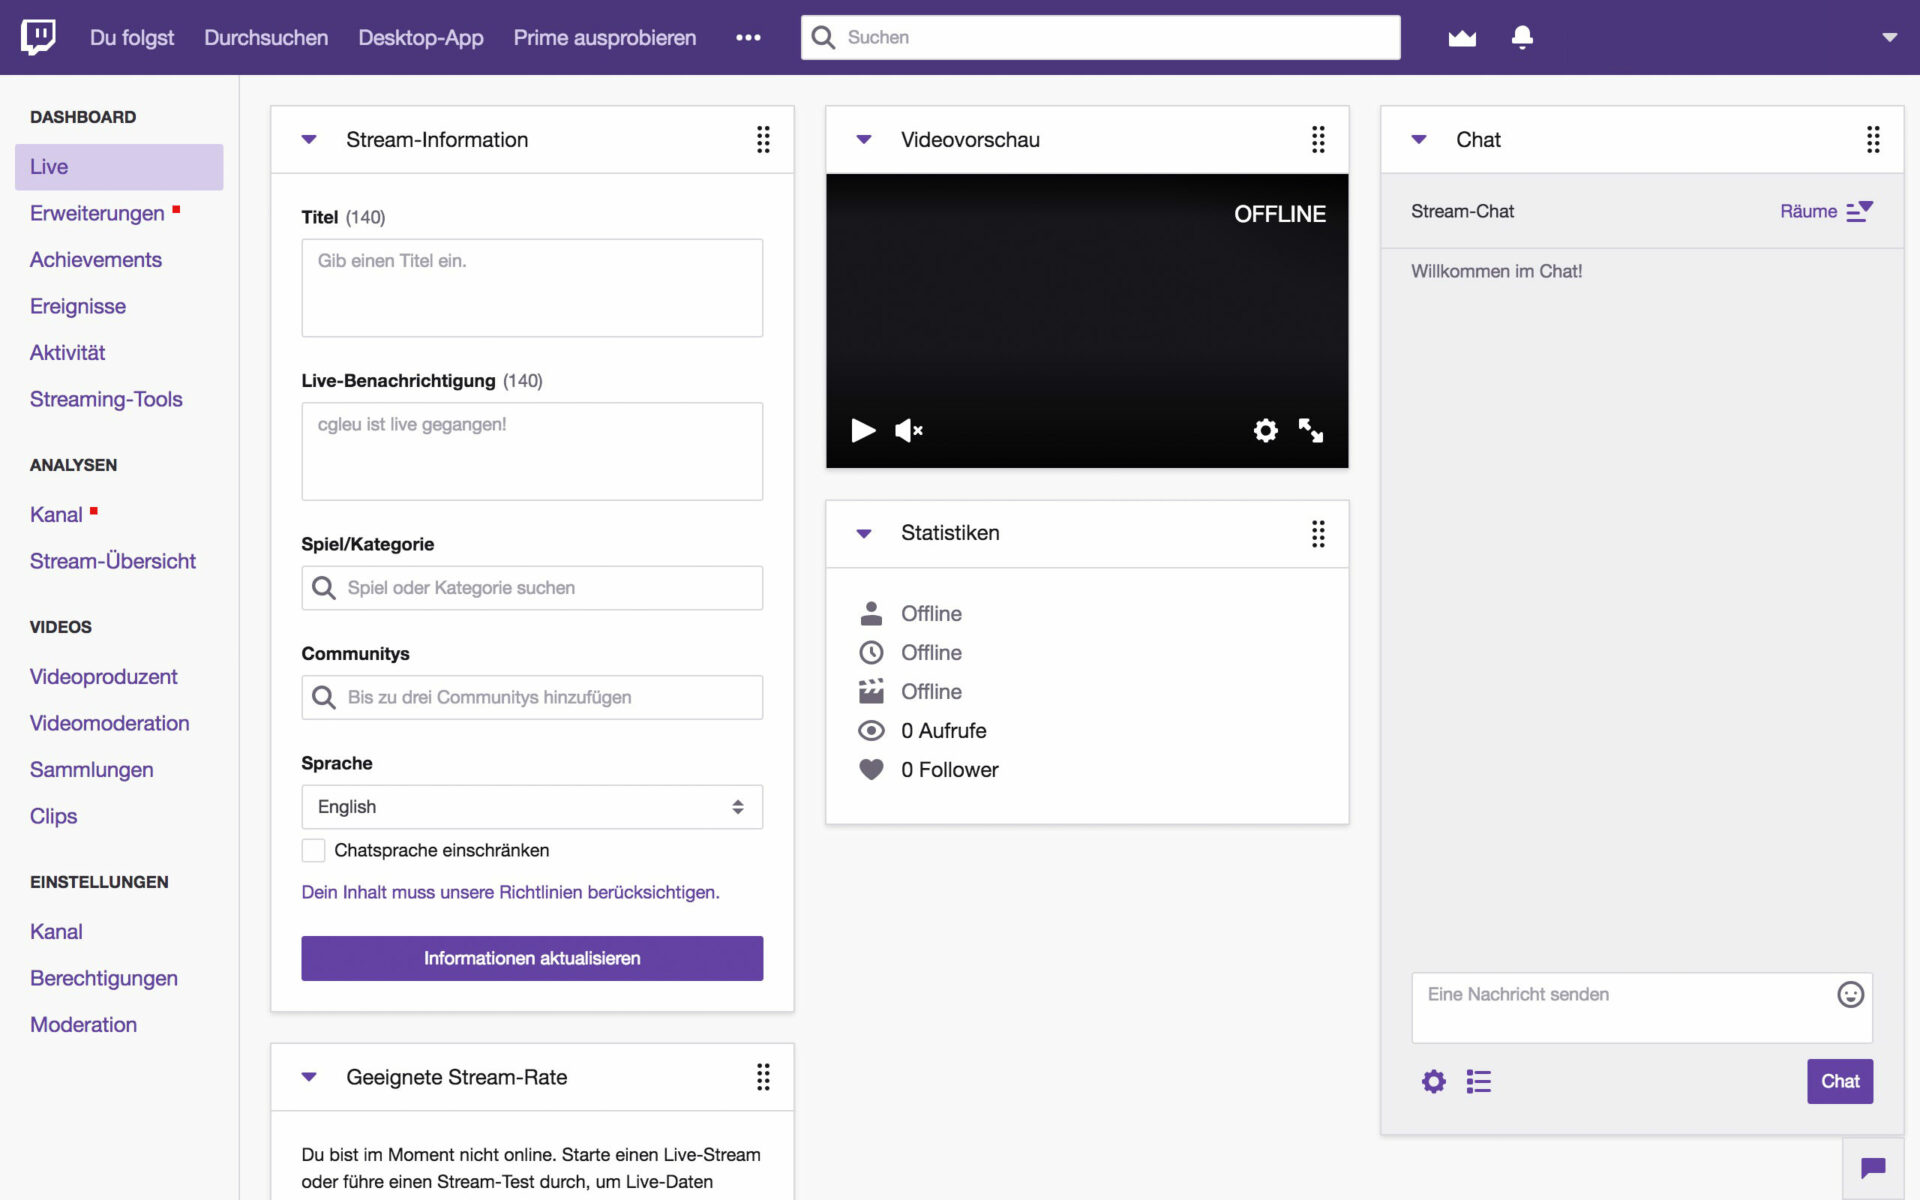 Contentflow-Livestream bei Twitch